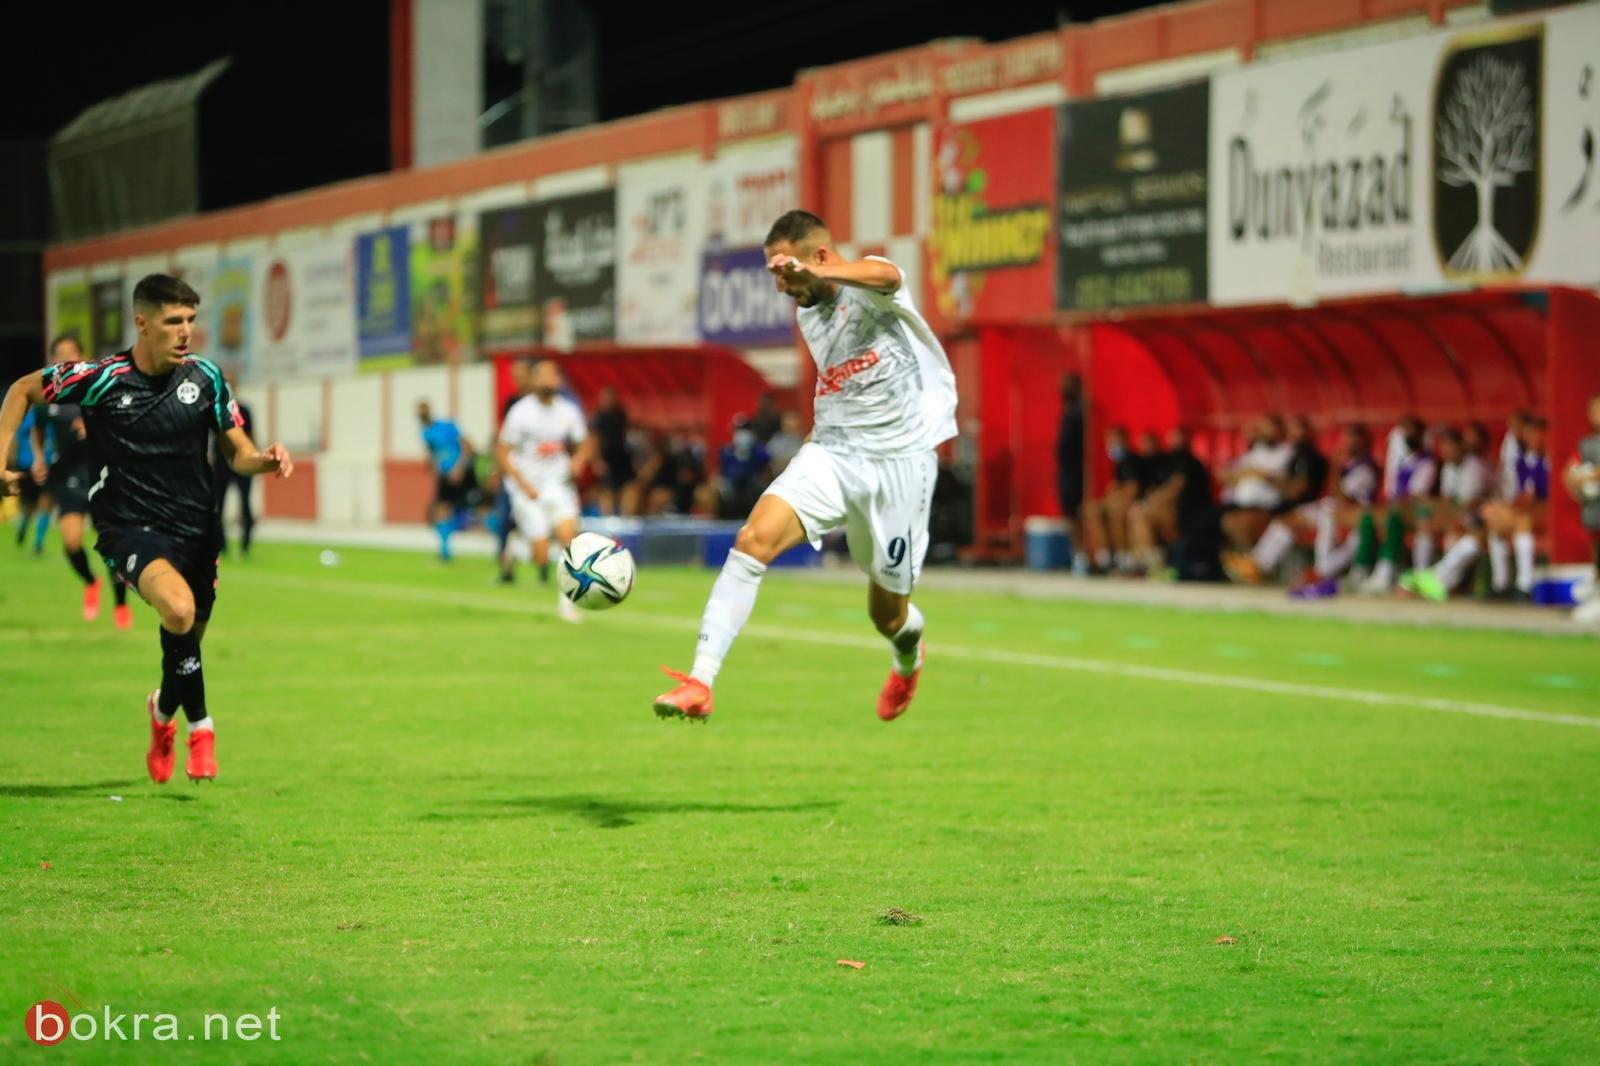 اتحاد سخنين أساء لمديرية كرة القدم!! وتم تغريمه بـ30 الف شيكل-0